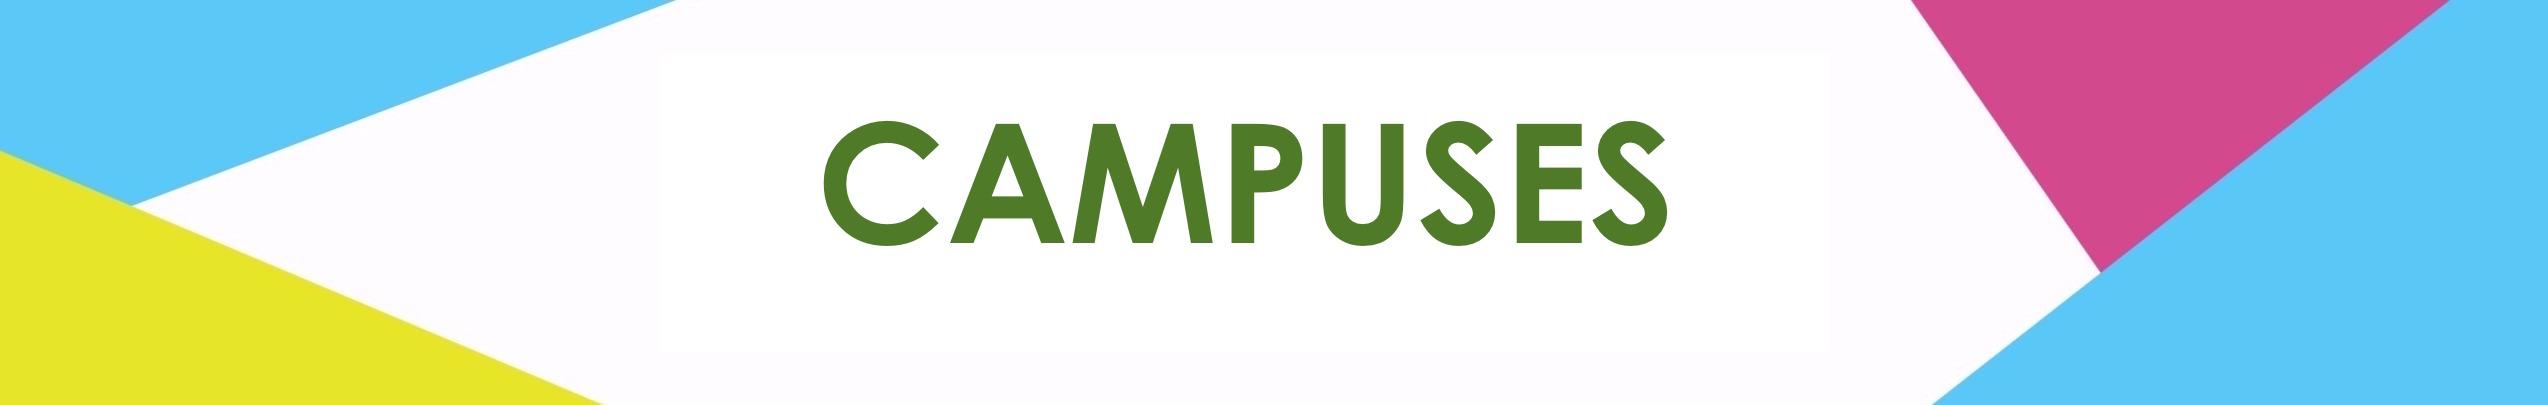 campus_header_2.jpeg